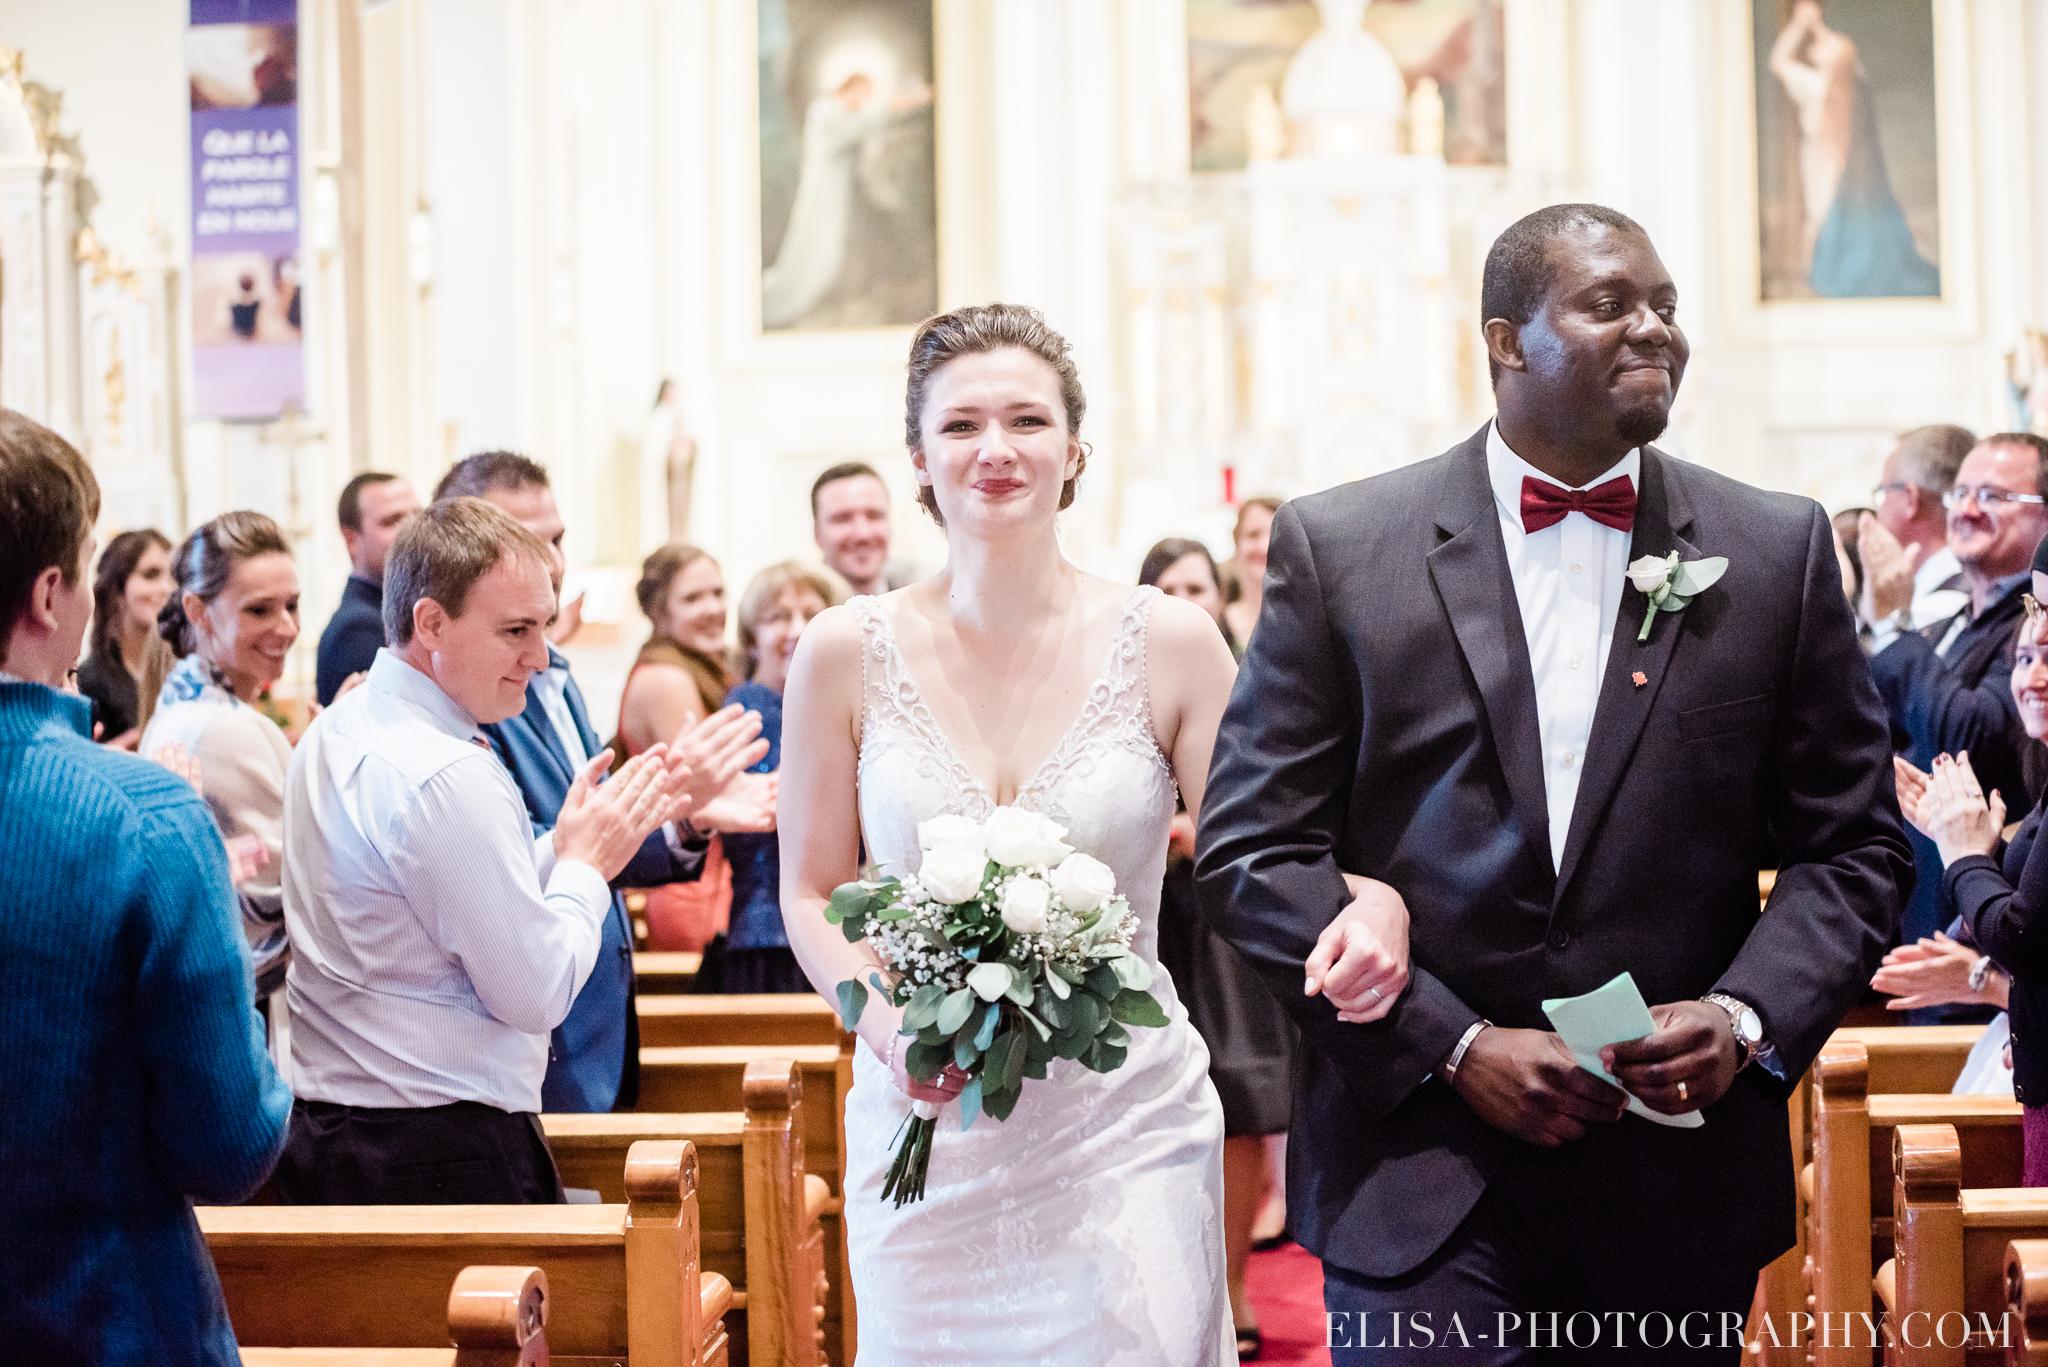 photo mariage ville quebec automne ceremonie eglise de cap rouge 7965 - Mariage au Golf de Cap-Rouge, ville de Québec: Stéphanie & William